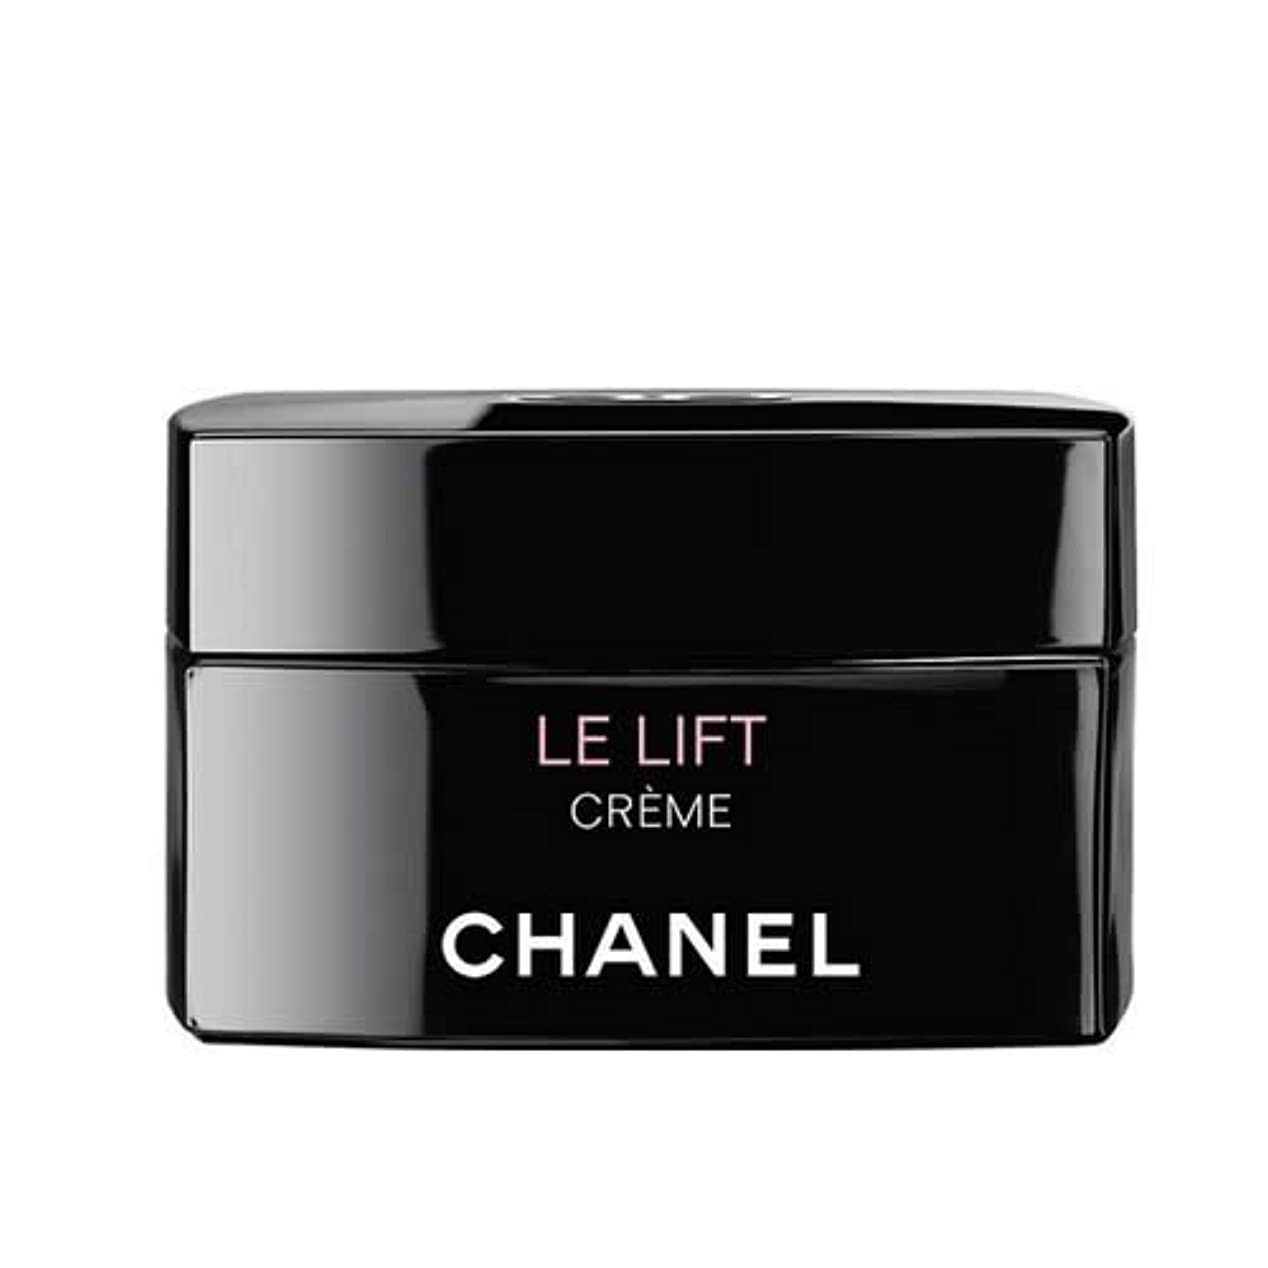 倒産熱狂的な姉妹シャネル(CHANEL) LE L クレーム 50g (クリーム)[並行輸入品]